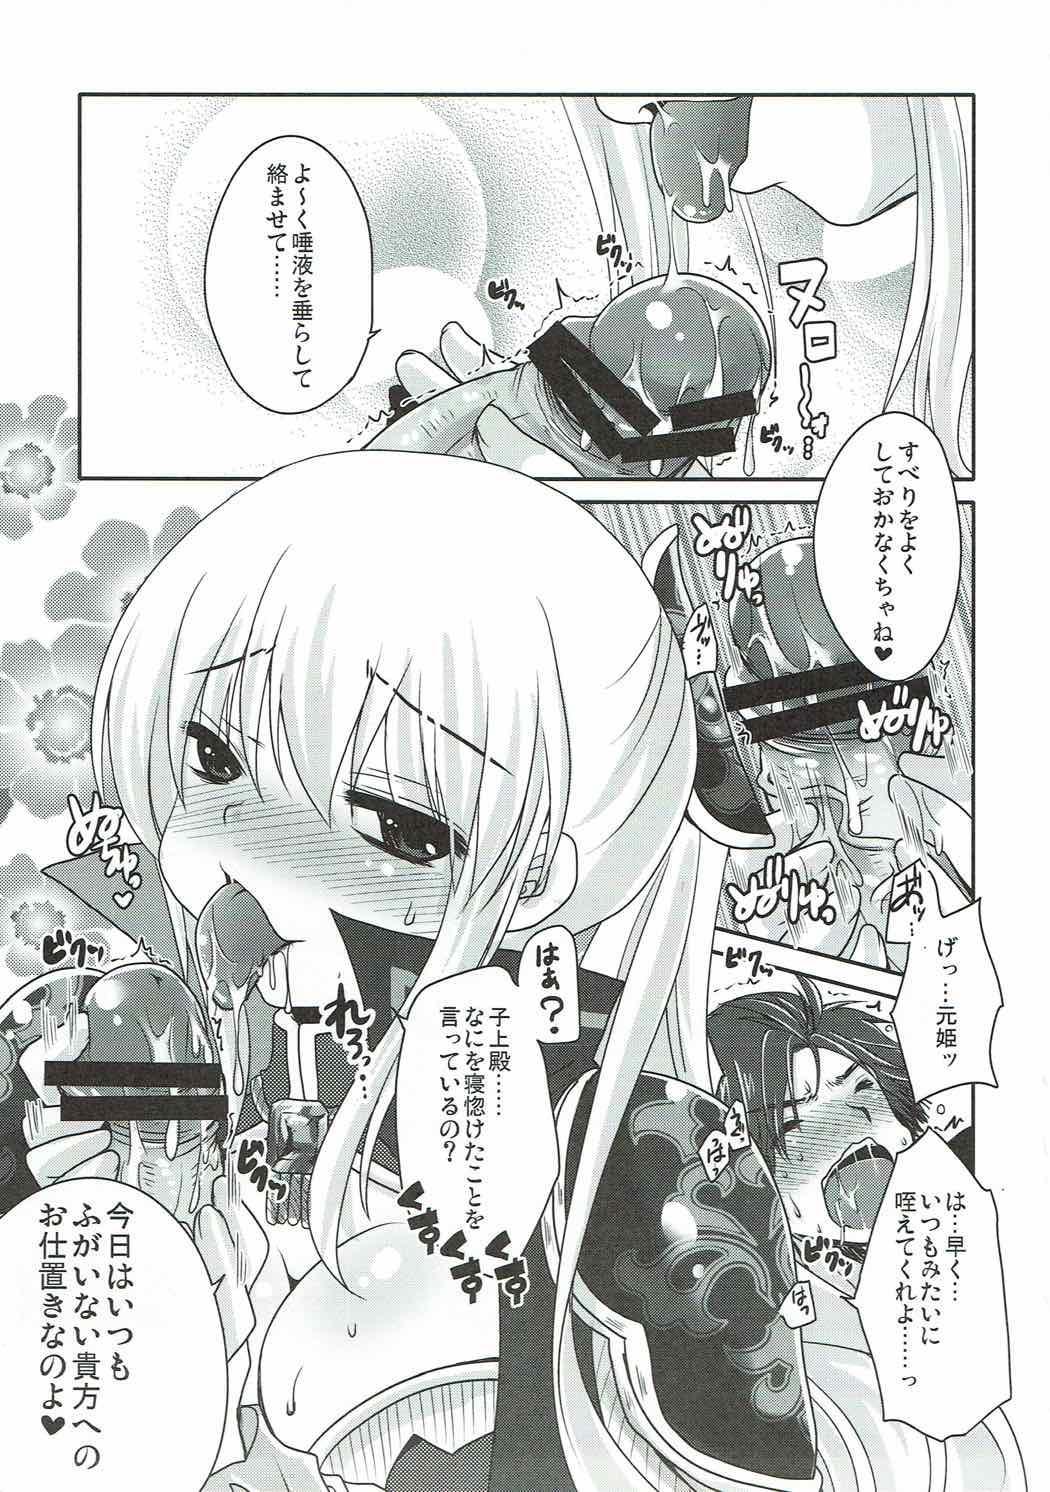 Watashi ni Sonna ni Ashi de Oshioki Saretai no? 1